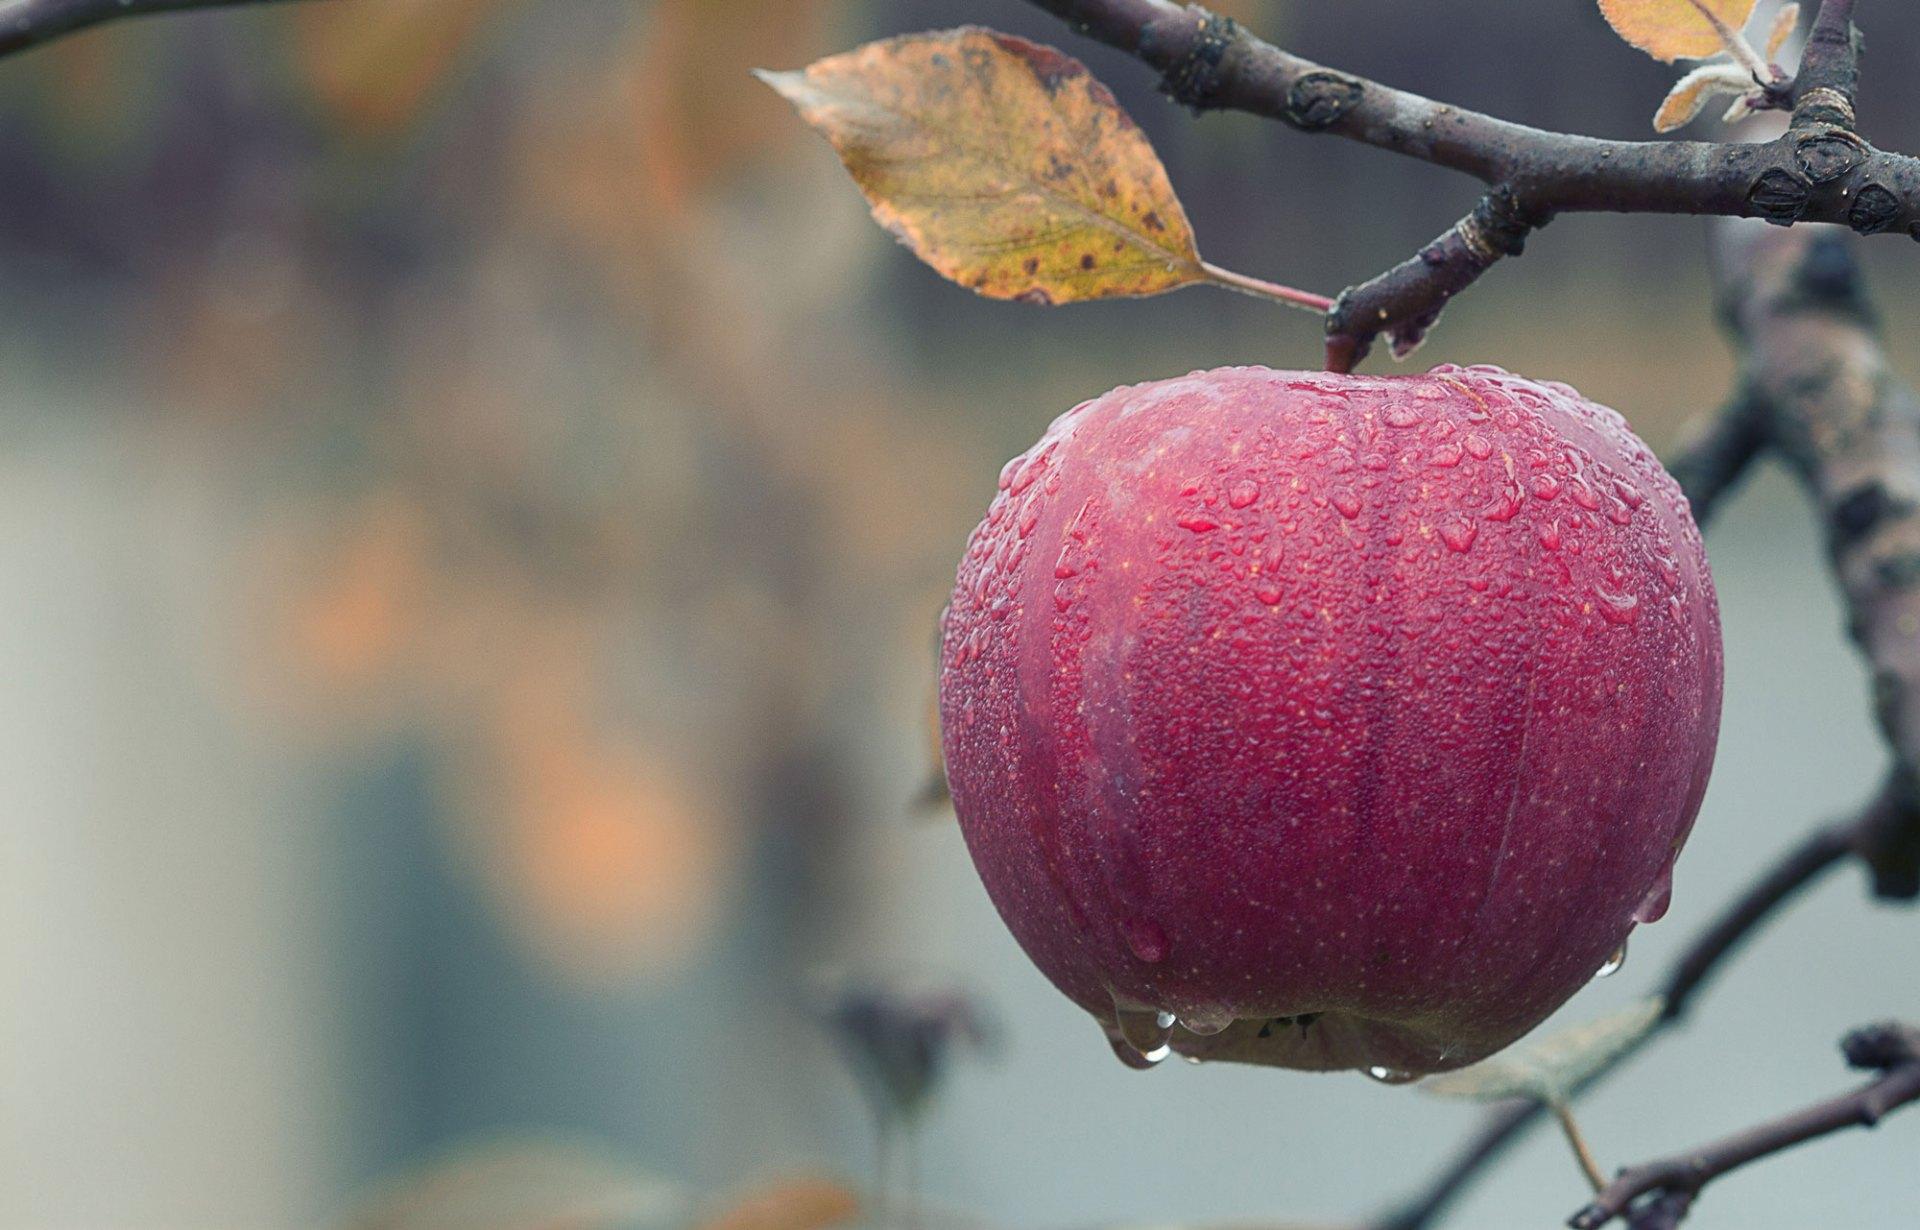 Ein roter Apfel hängt an einem Apfelbaum, auf ihm sind Tautropfen zu sehen.